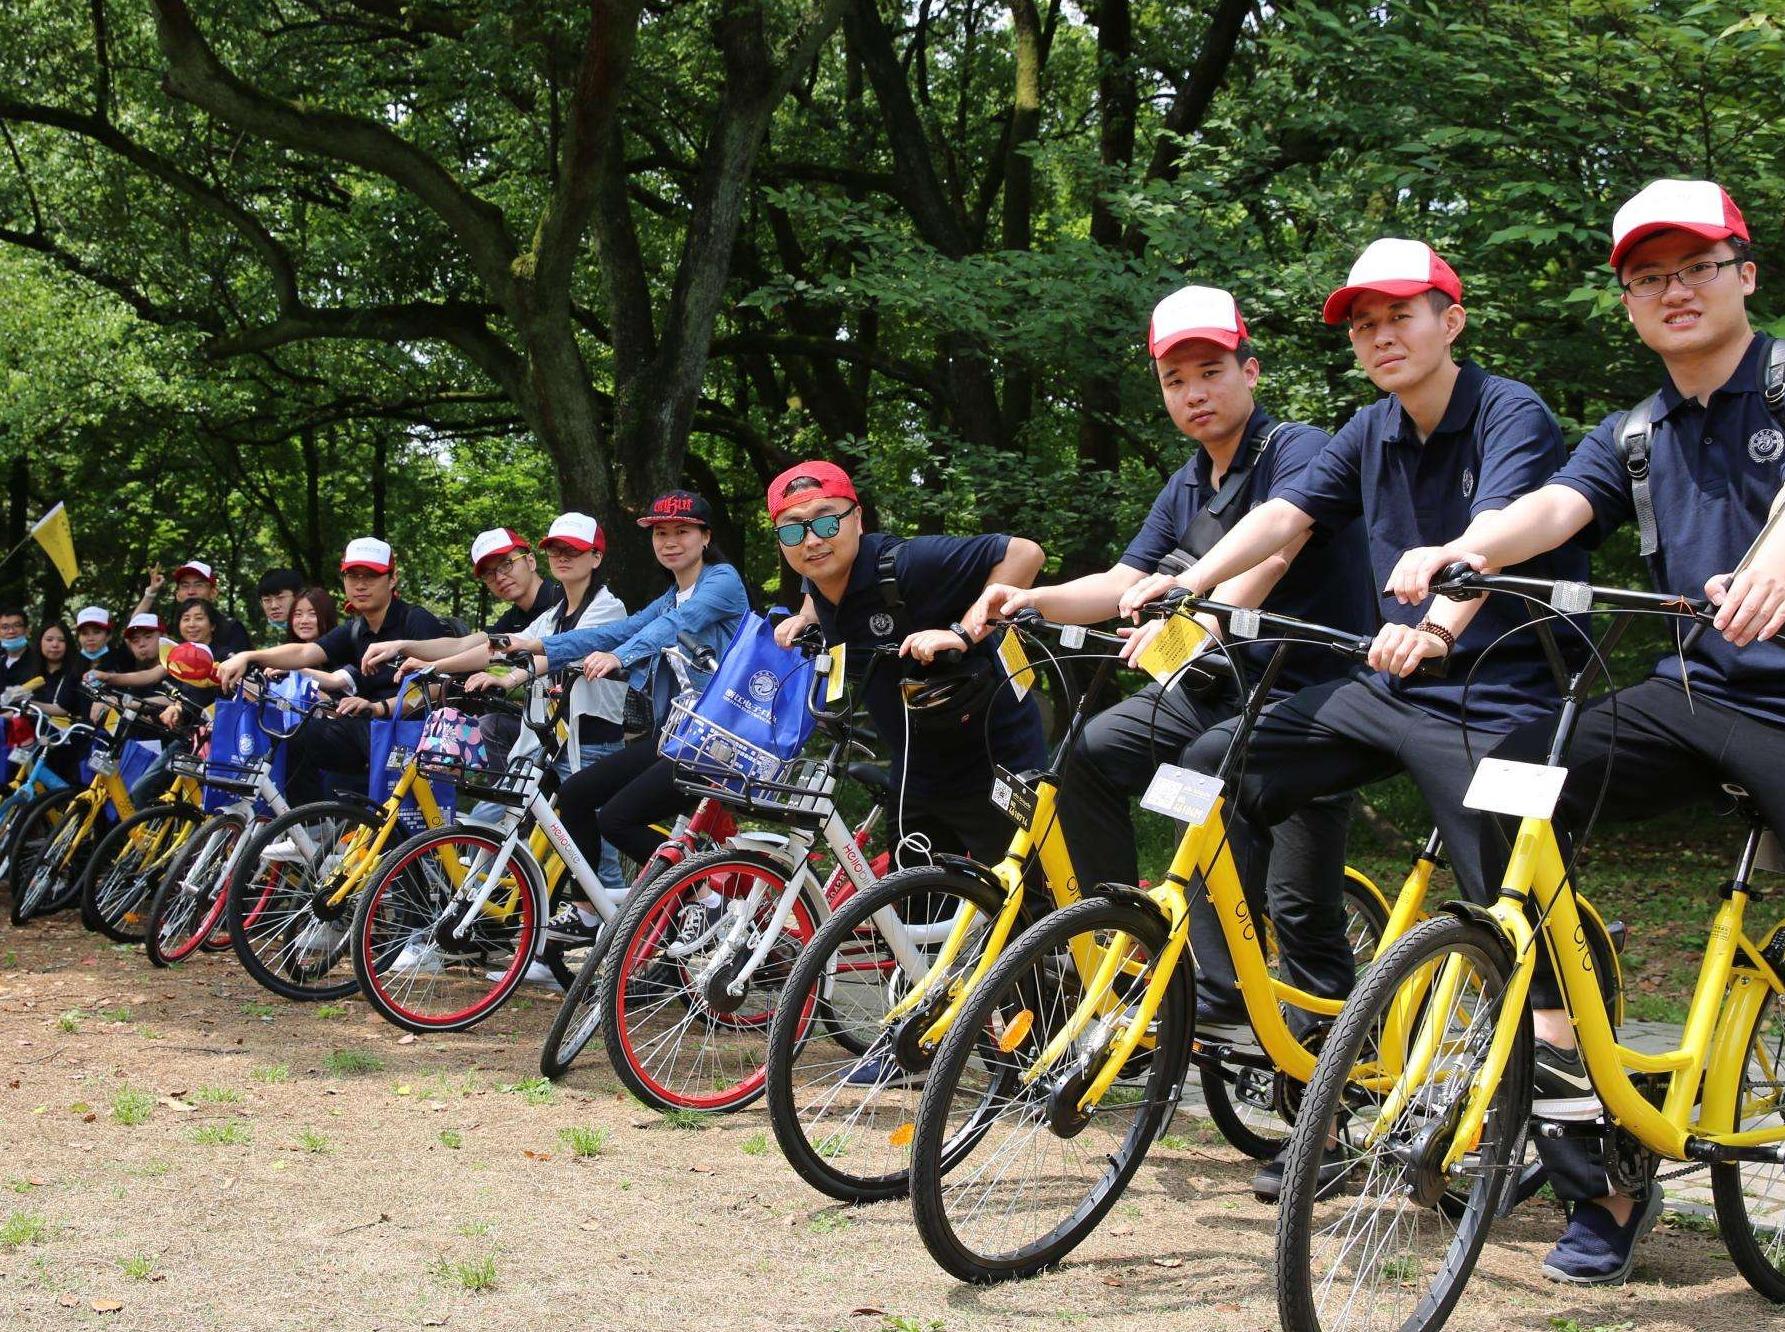 共享单车,共享蓝天,大家来骑车彼此认识吧